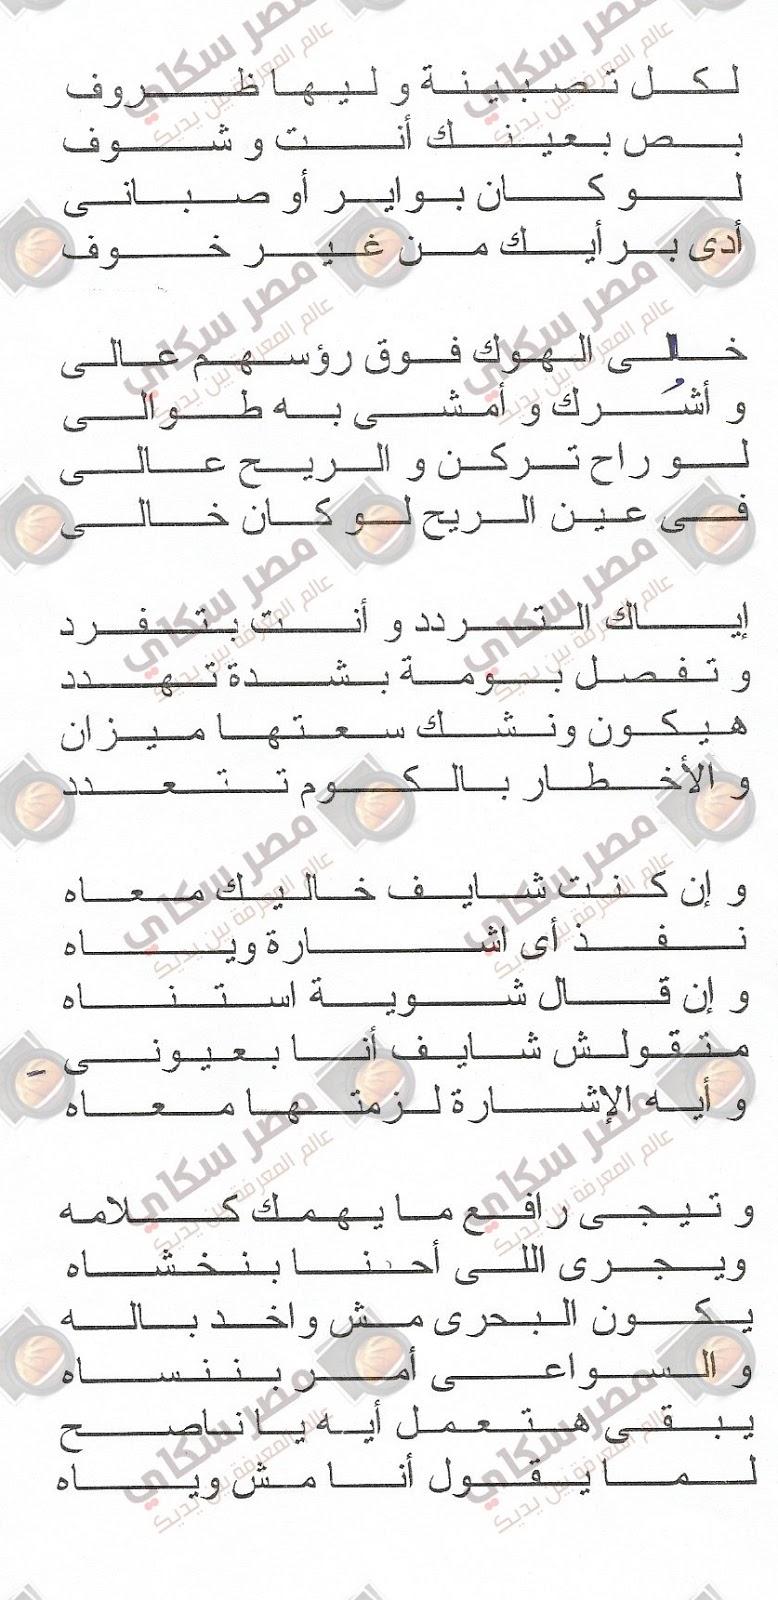 الصحة والسلامة المهنية بقلم السيد عبد الحفيظ السيد